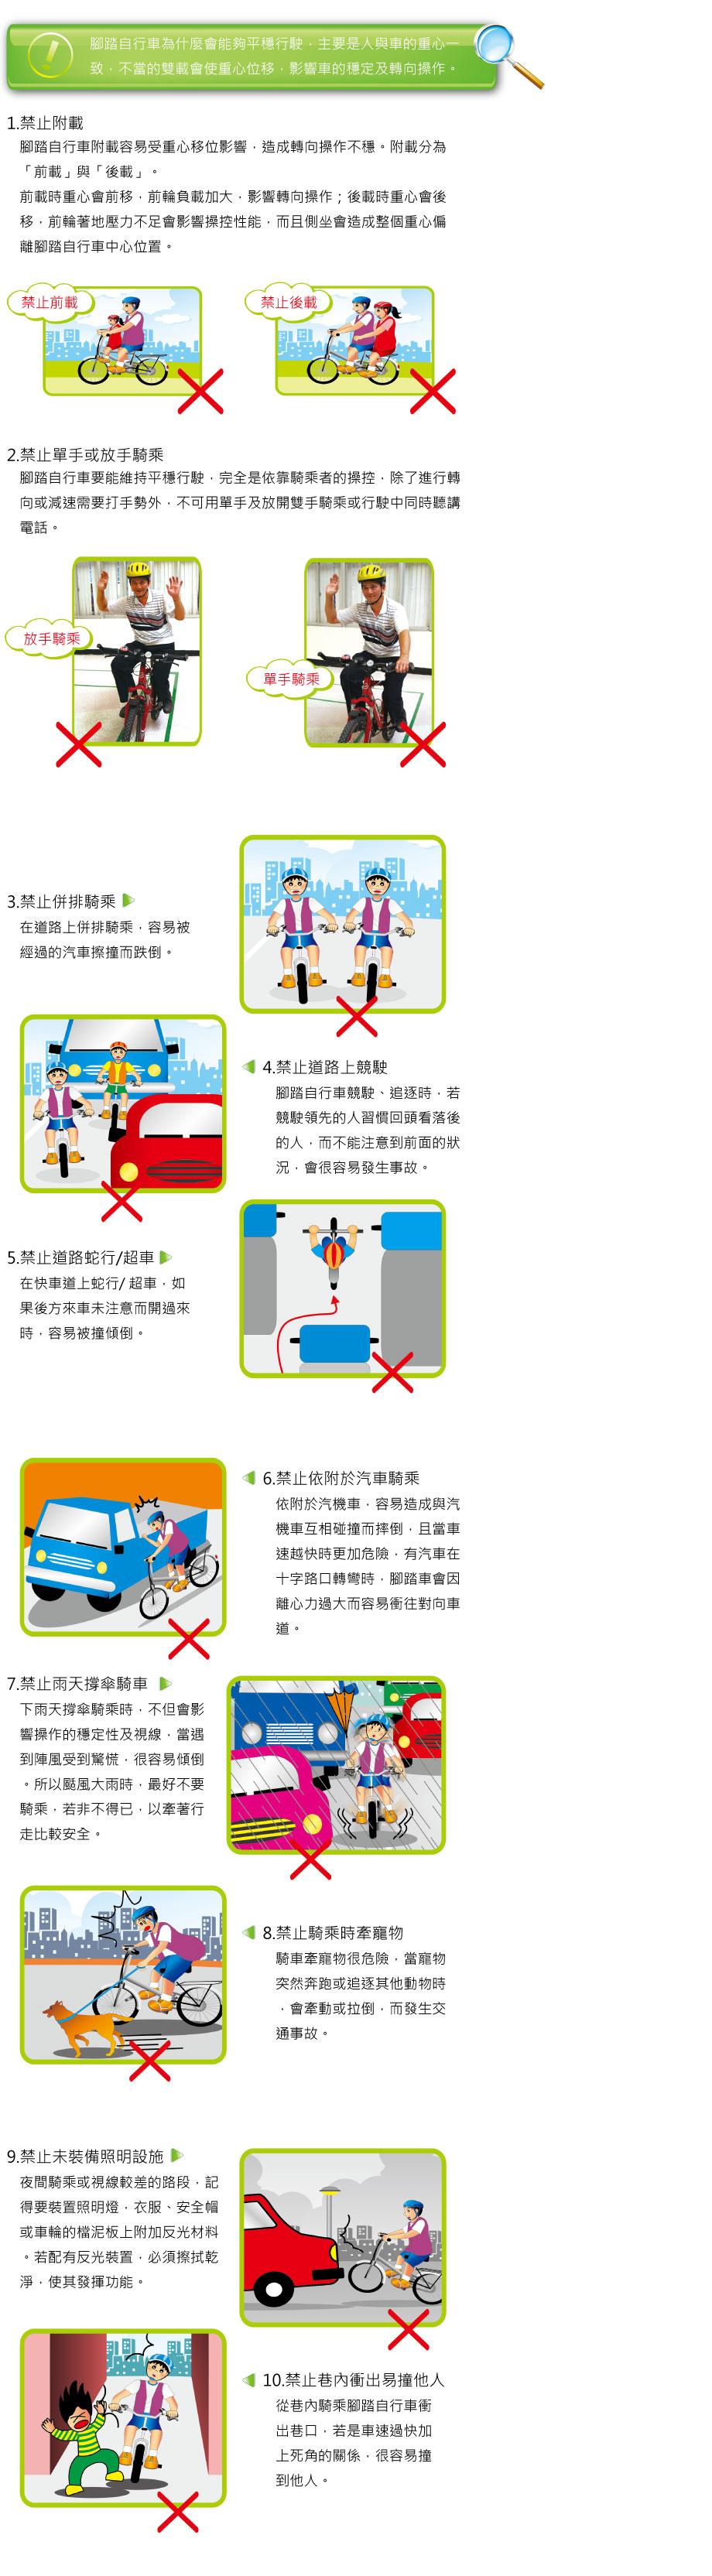 騎乘禁止行為說明圖片